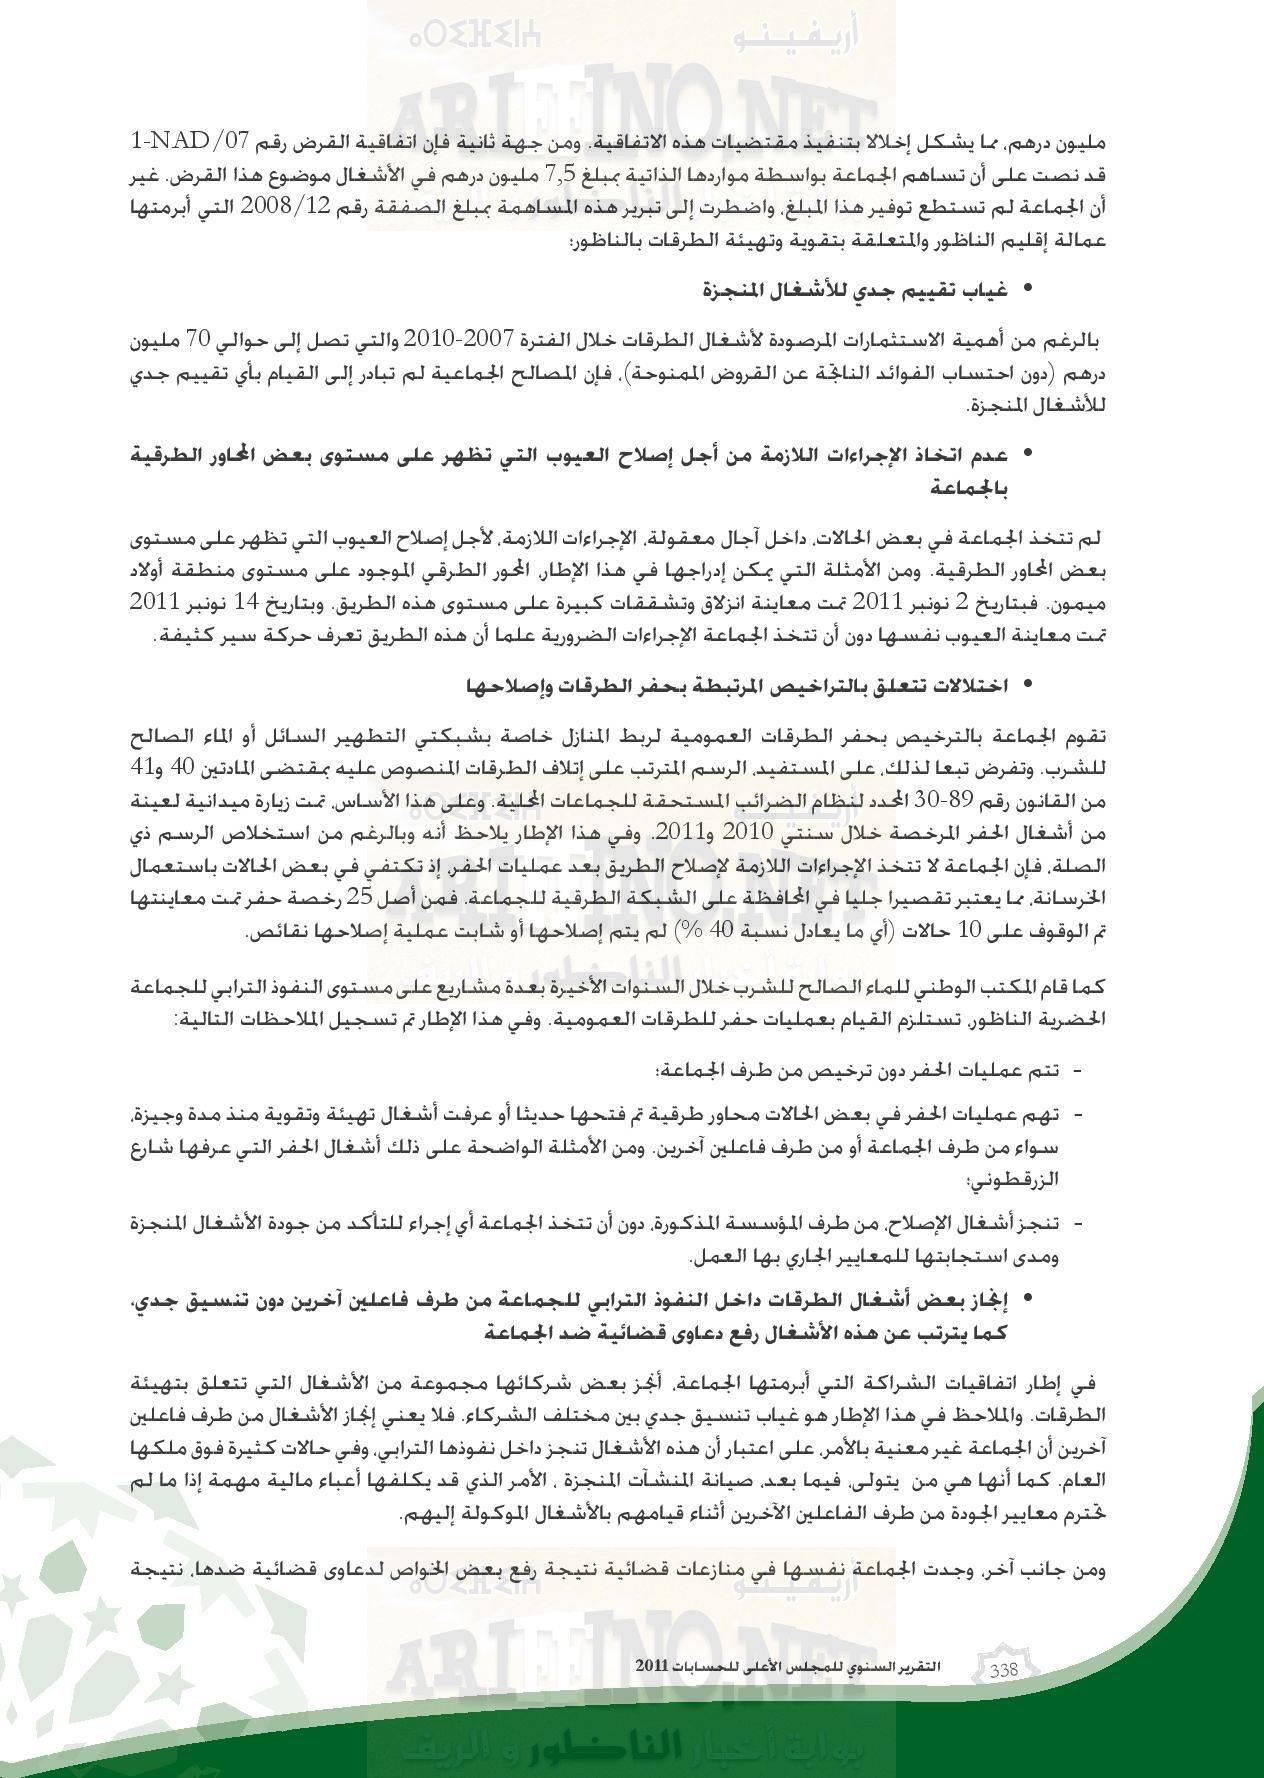 nador_0064 تقرير المجلس الاعلى للحسابات: بلدية الناظور تعيش إختلالات و عشوائية و عاجزة عن القيام بمهامها